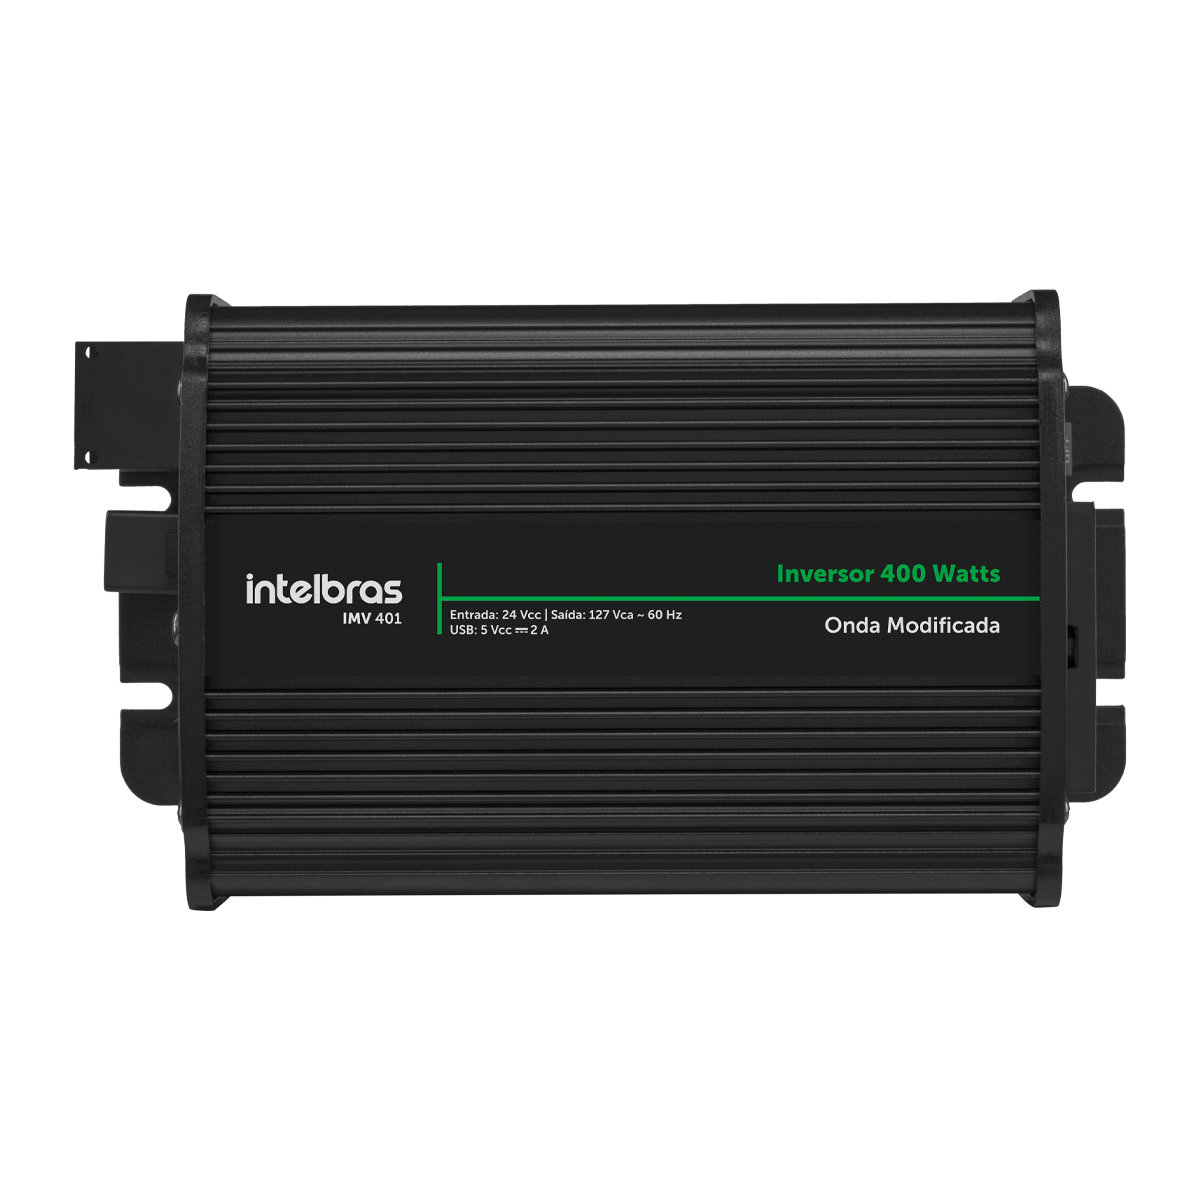 Inversor Intelbras 400 W Onda Modificada IMV 401